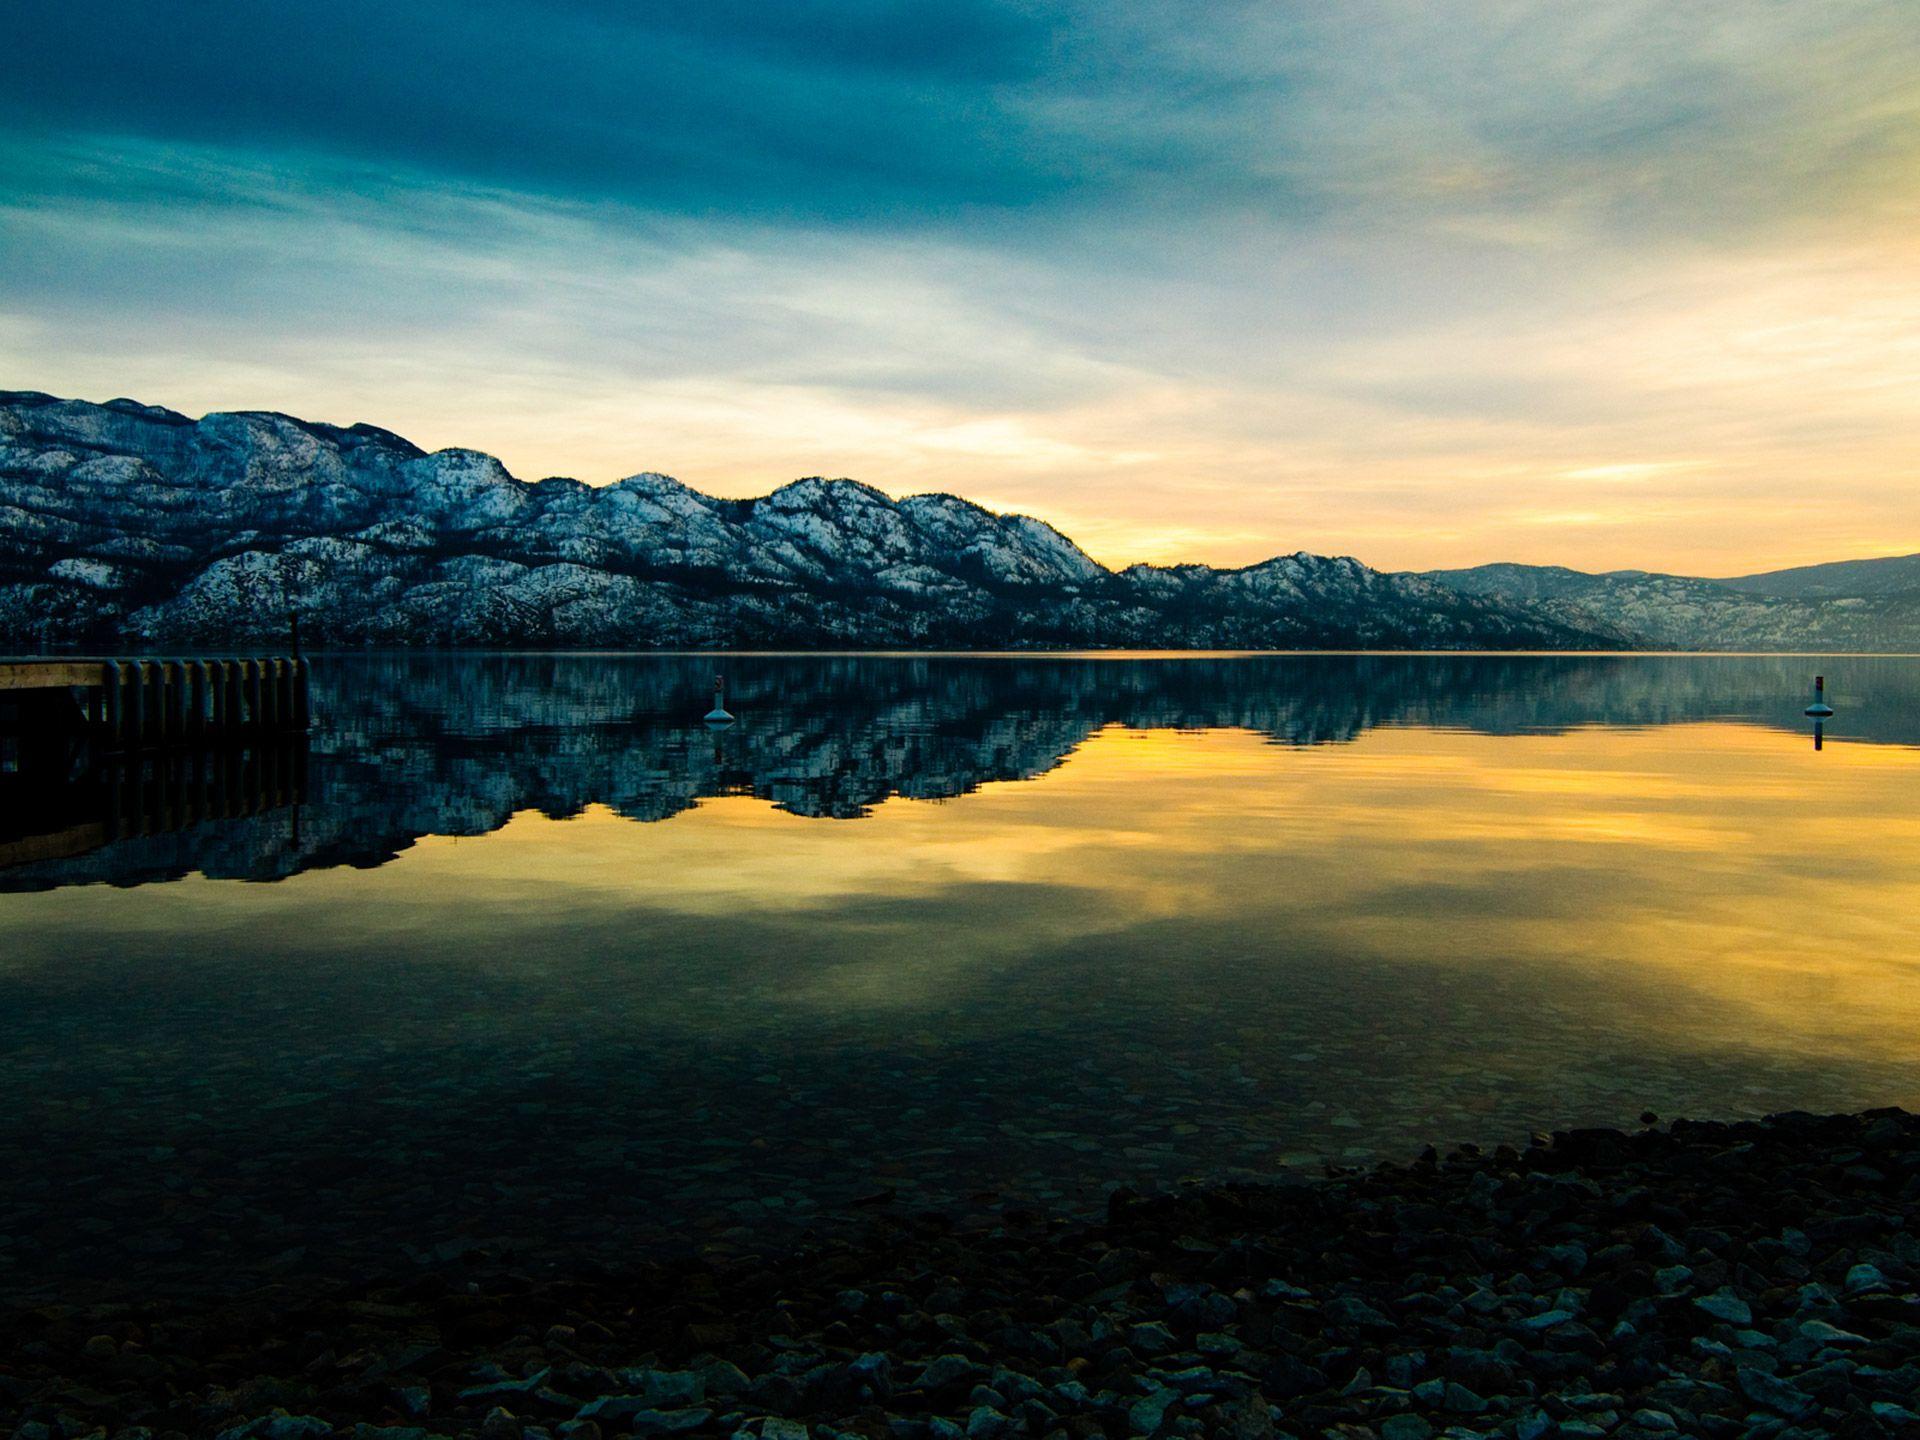 Lake Placid New York Nature Desktop Wallpaper Best Nature Wallpapers Scenic Wallpaper